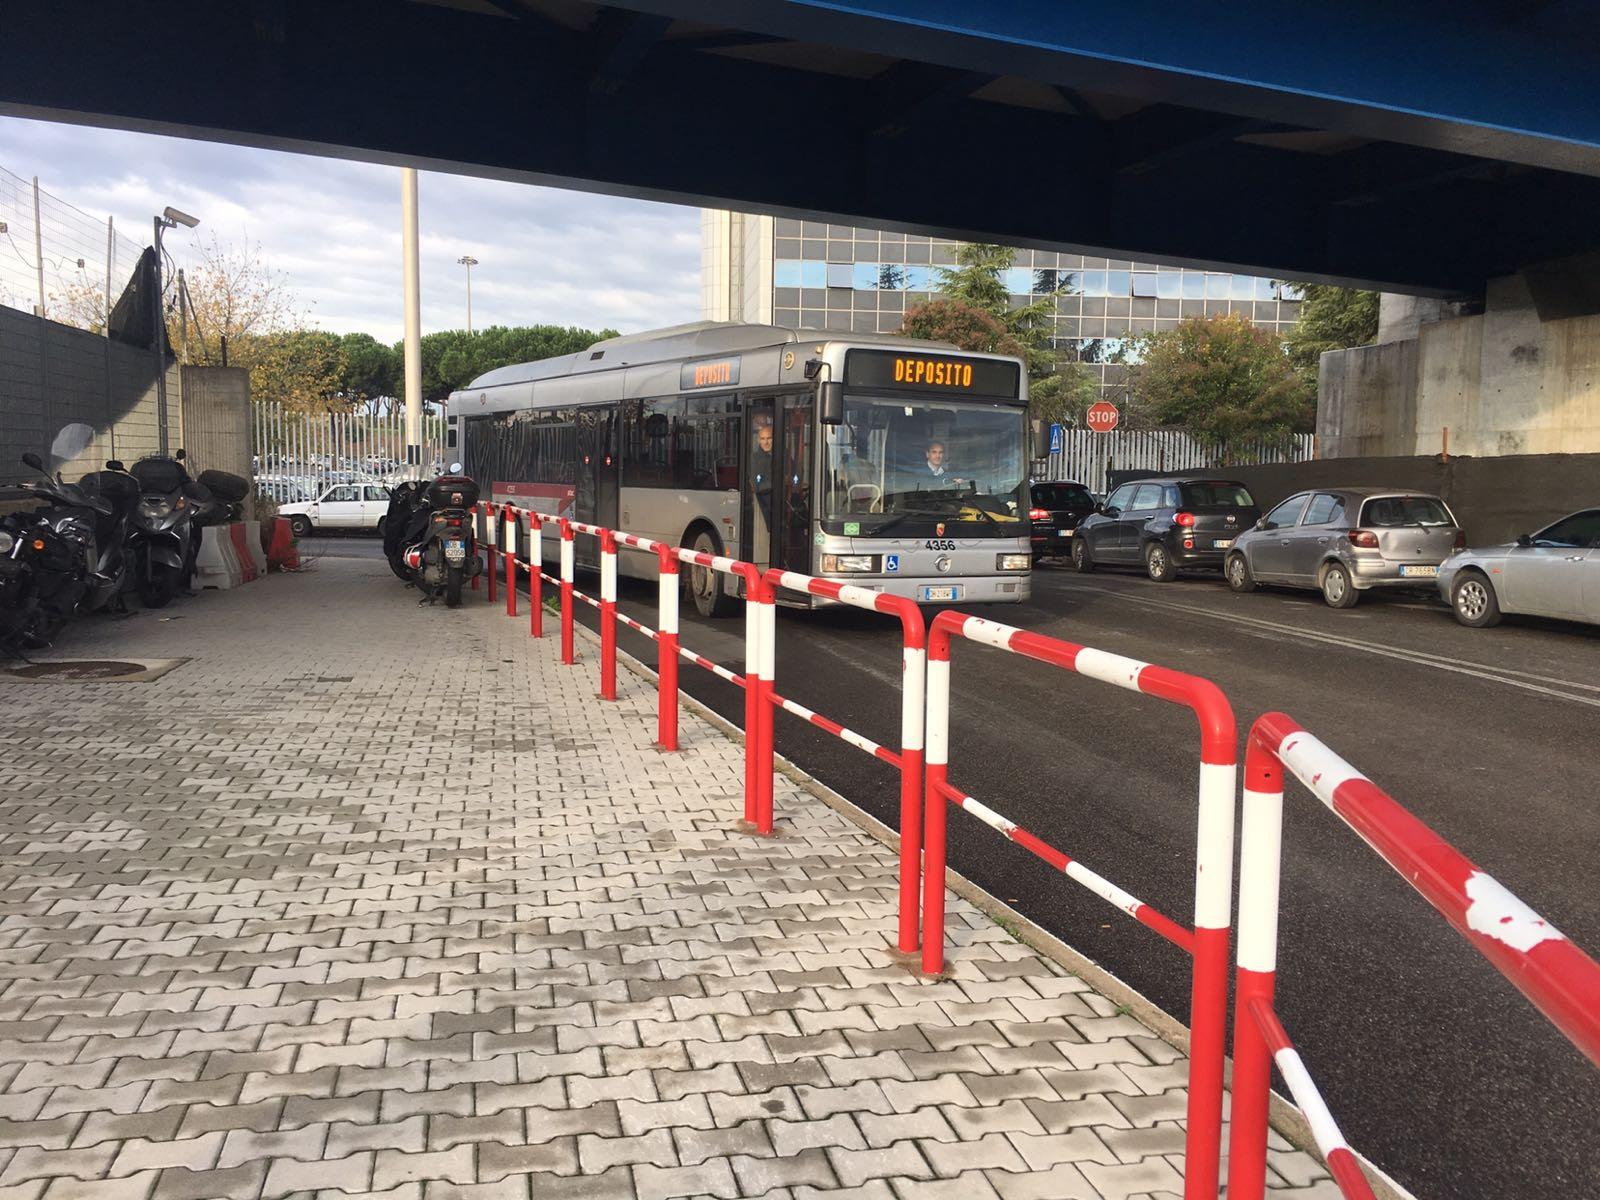 Roma, cambia la rete bus nel quadrante sud-est: novità a Quarto Miglio, Statuario, Capannelle, Cinecittà, Torre Spaccata e Romanina